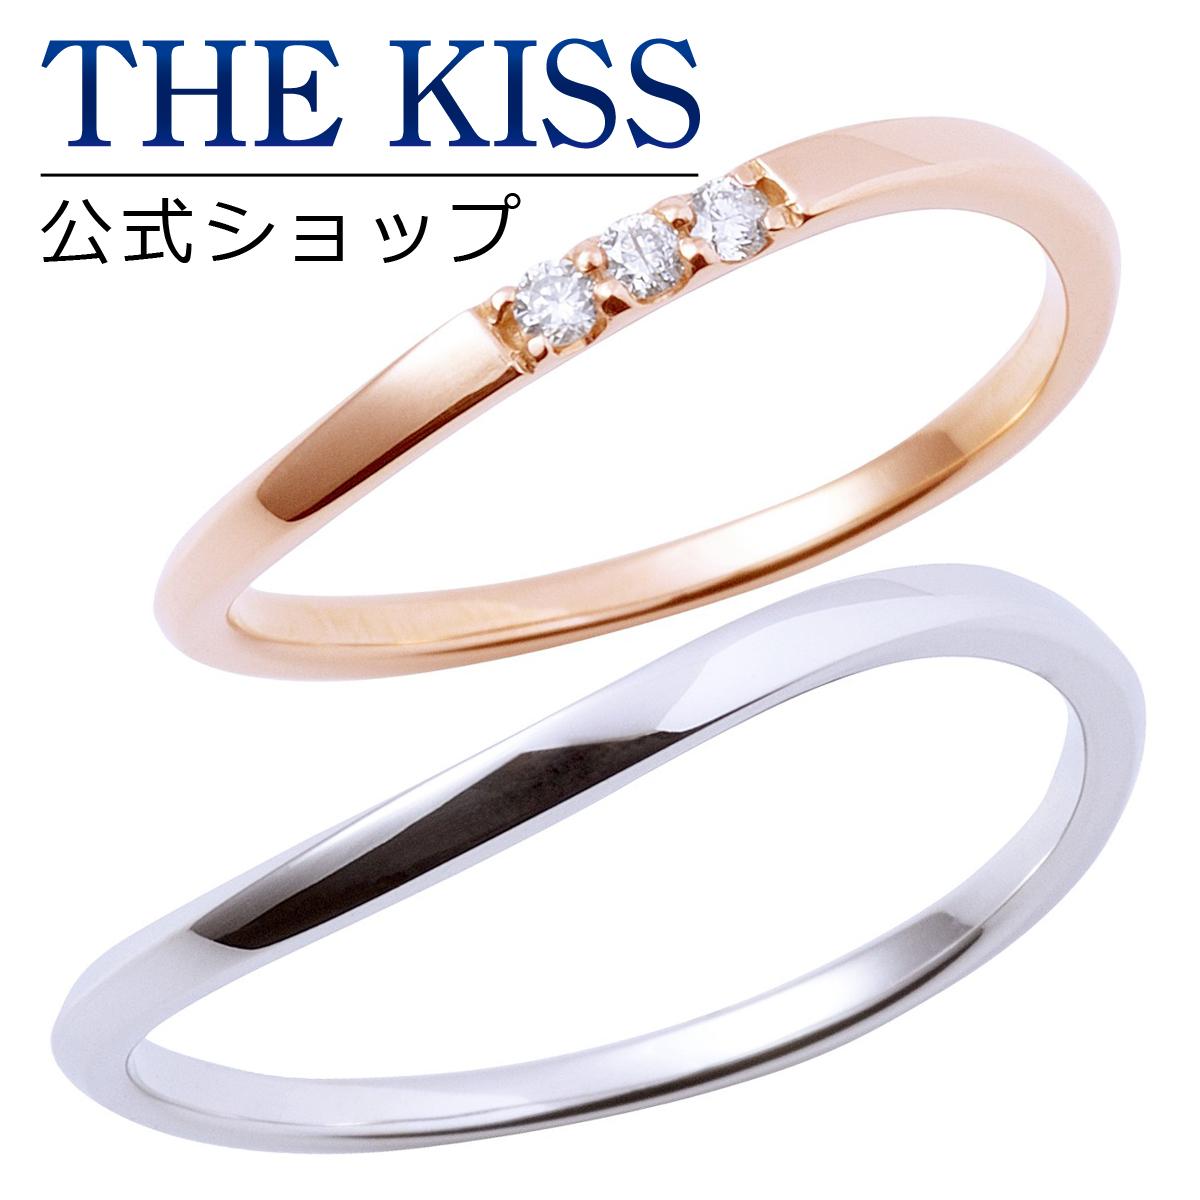 【あす楽対応】【送料無料】【THE KISS COUPLE'S】【ペアリング】 K10ピンク&ホワイトゴールド ダイヤモンド ペアリング 結婚指輪 マリッジリング ☆ ゴールド ペア リング 指輪 ブランド GOLD Pair Ring couple K-R2219PG-2220WG 男性 女性 2個ペア